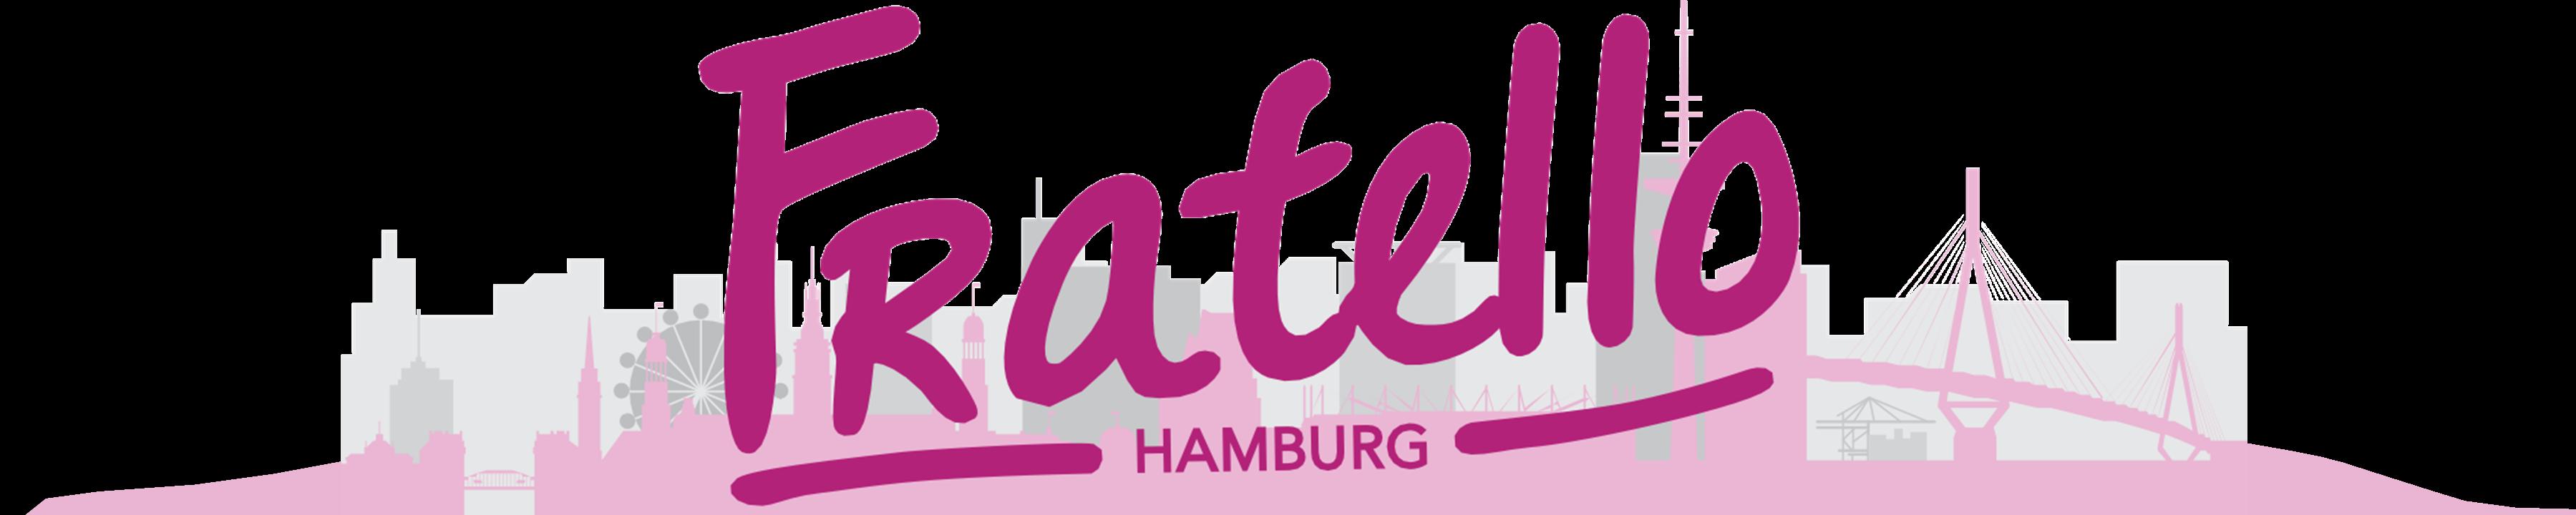 Fratello Hamburg